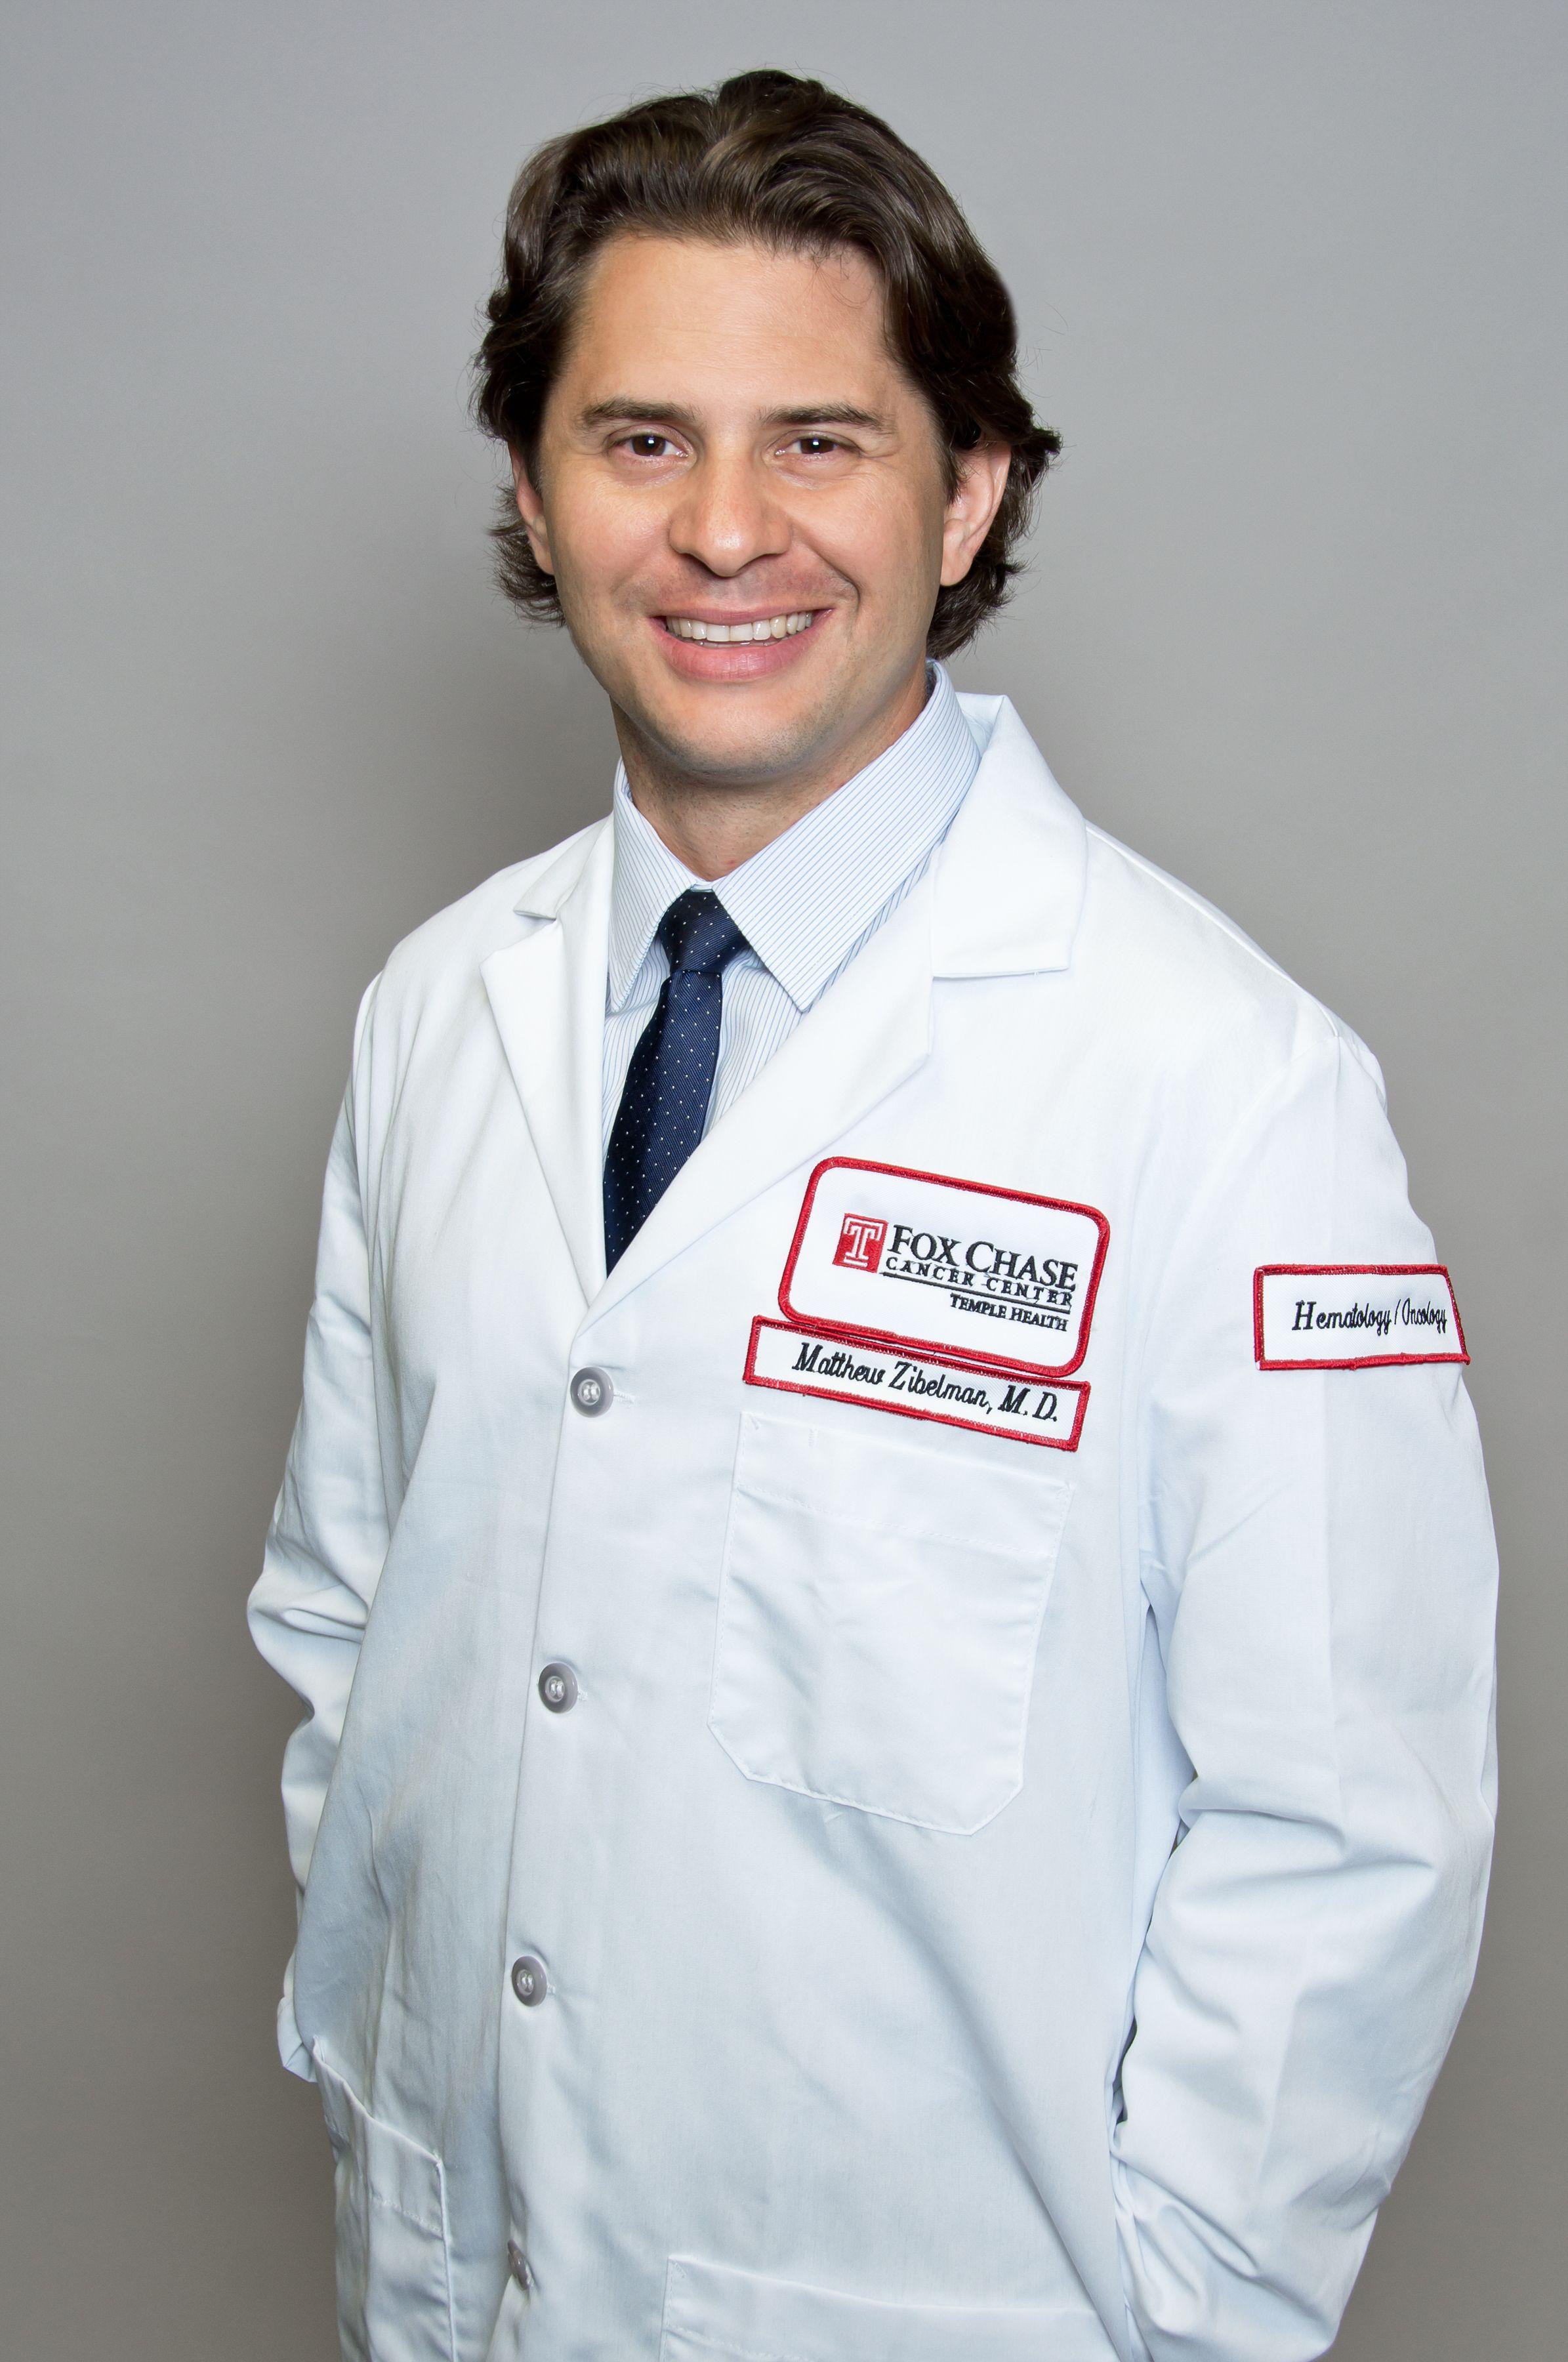 Matthew R. Zibelman, MD, is part of the department of